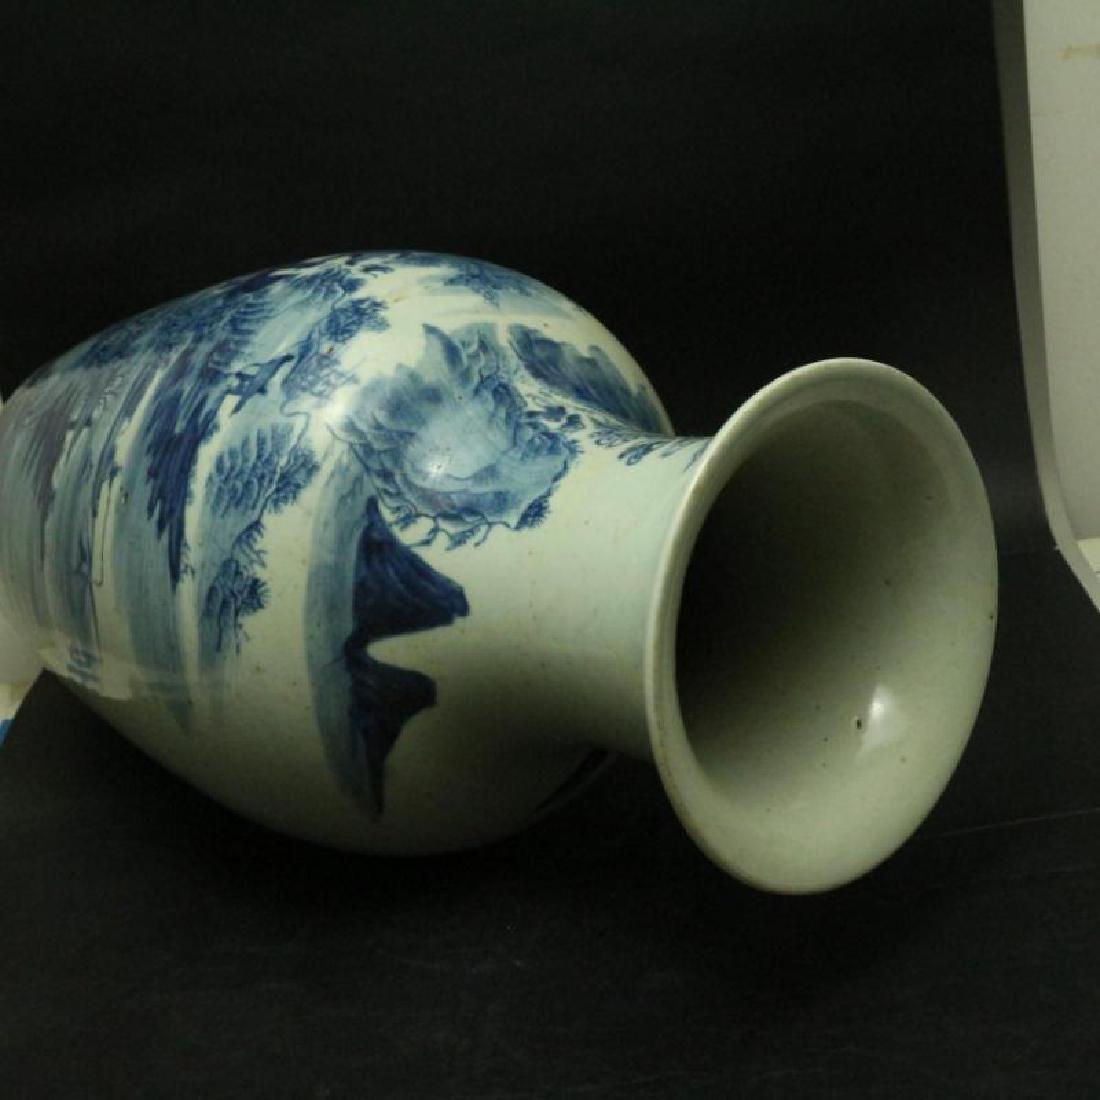 Chinese Qing Dynasty Blue & White Glazed Porcelain Vase - 6